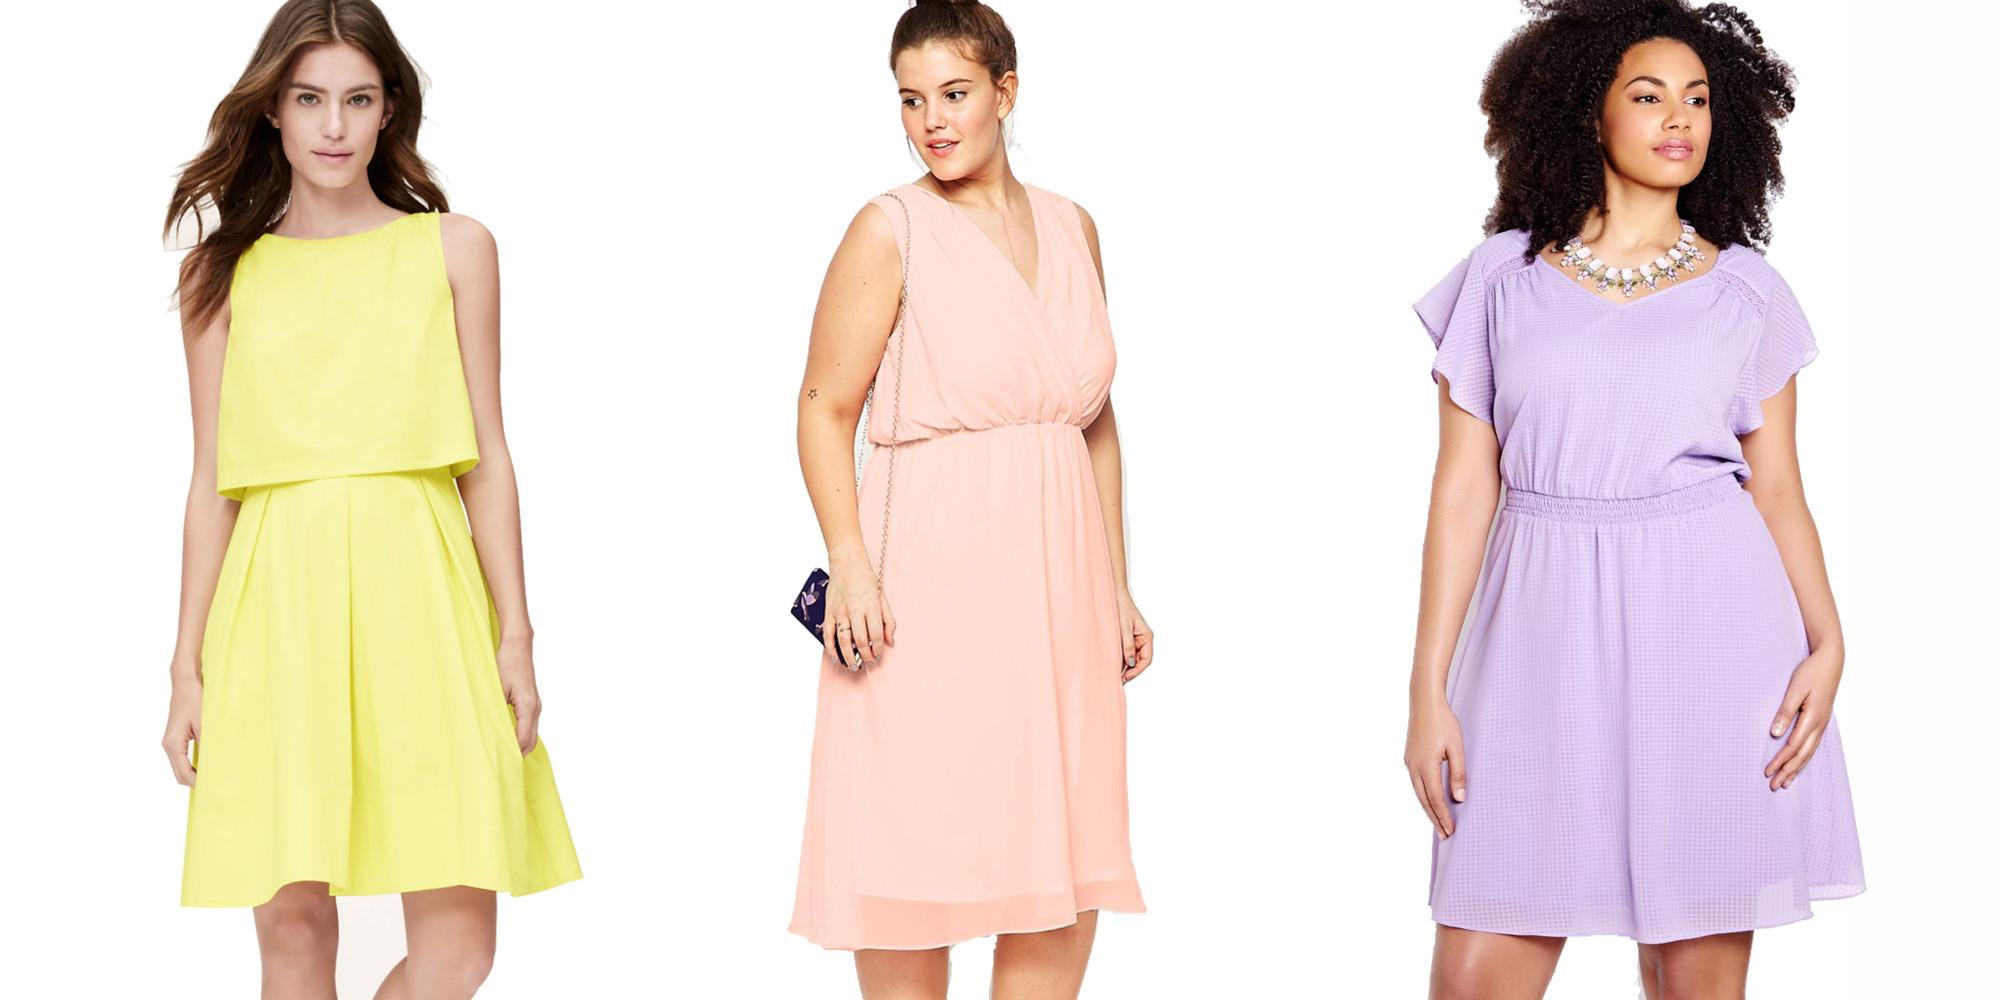 Women Easter Dresses